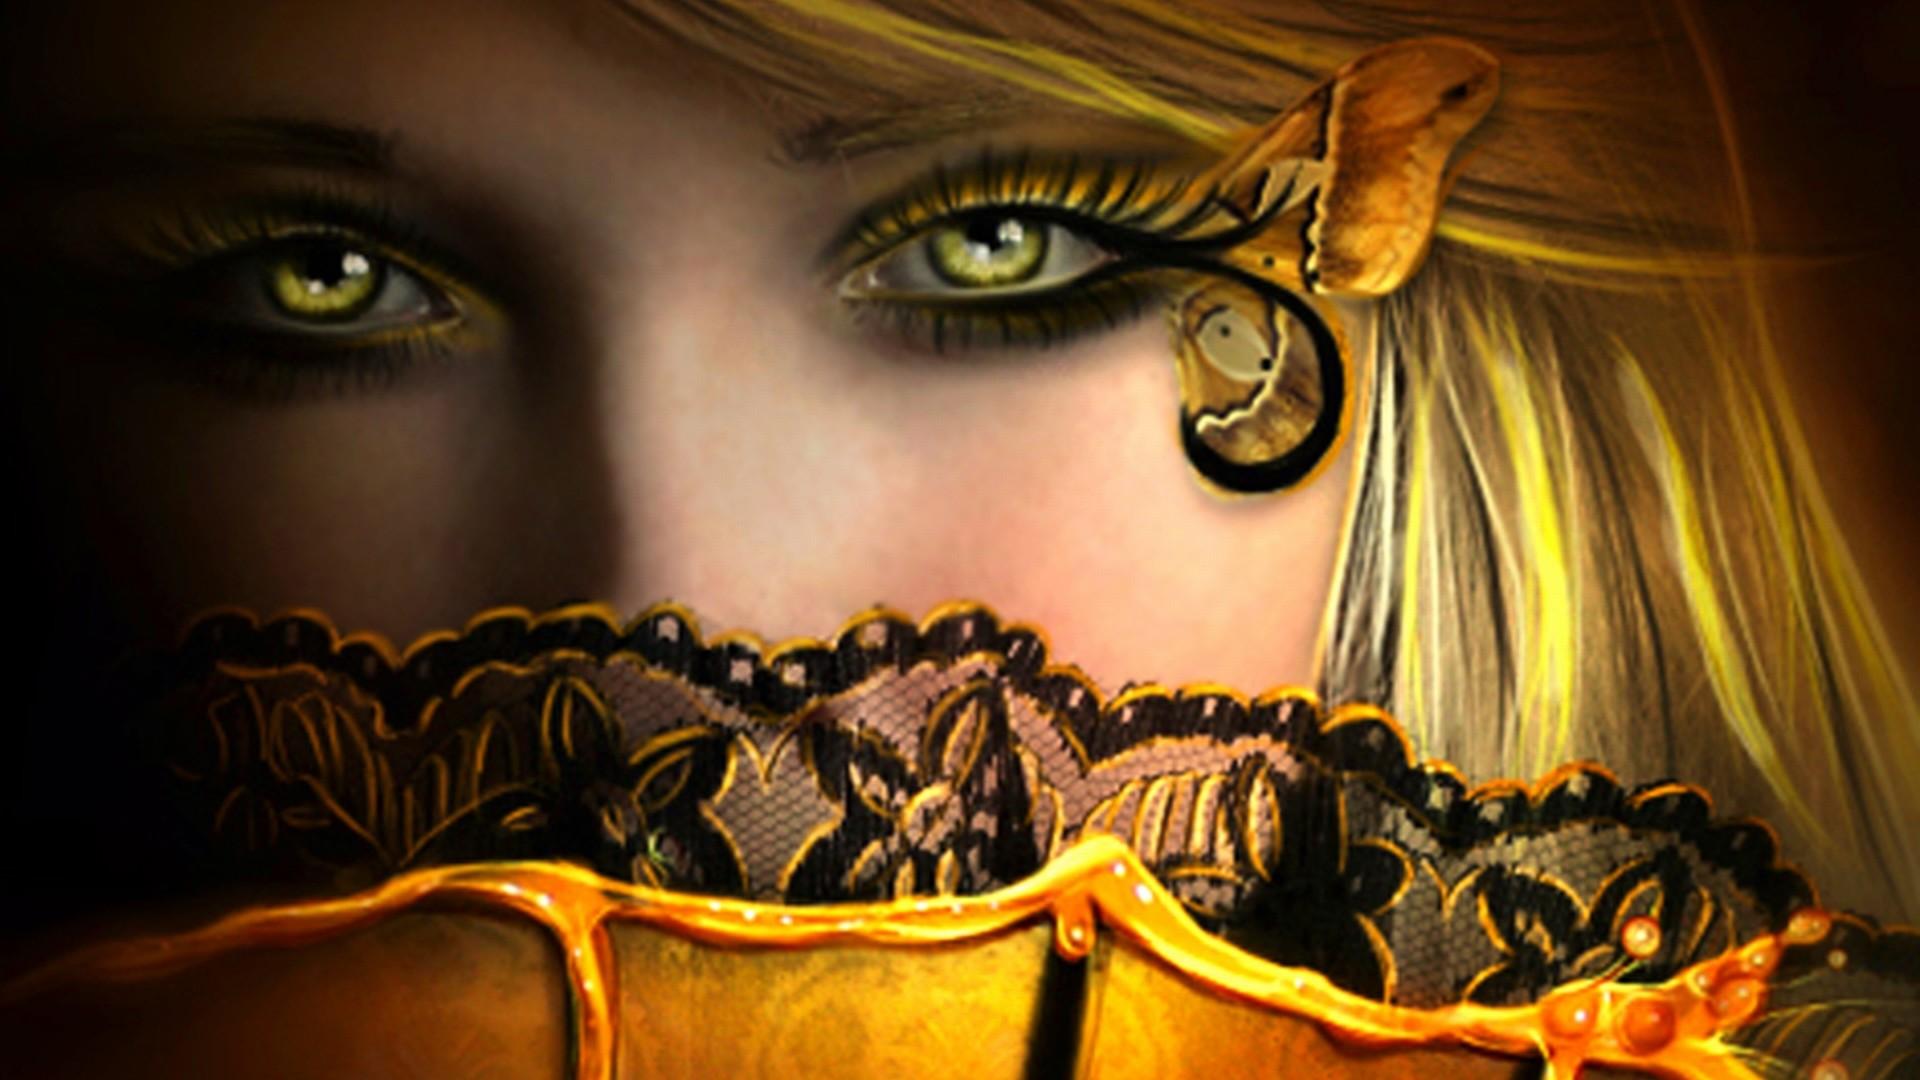 fairy fantasy art   Wallpapers Fairy Fantasy And   #978594 #fairy